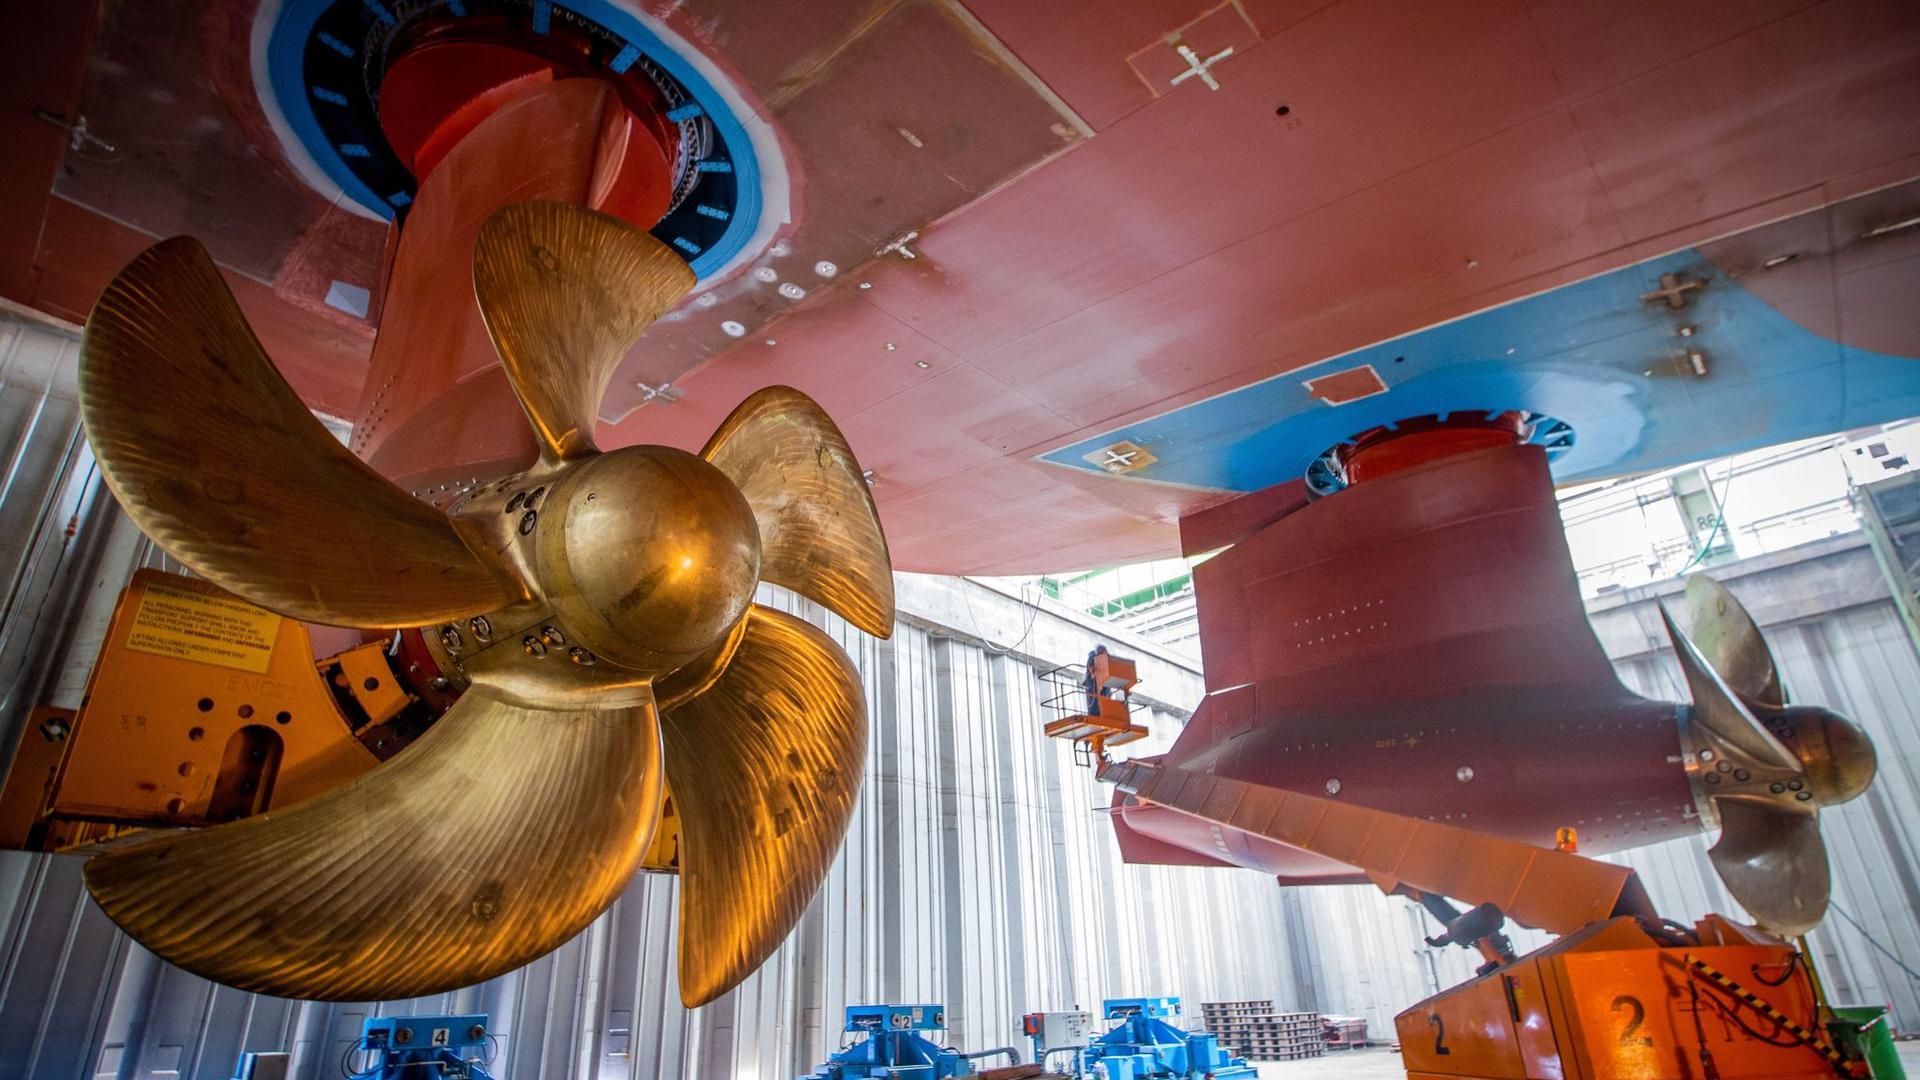 Immer wieder sind die Werften von Krisen betroffen. Auch die Corona-Pandemie hat für erhebliche Unruhe in der Branche gesorgt. Die IGMetall sieht in der Klimaneutralität einen Weg aus der Krise.